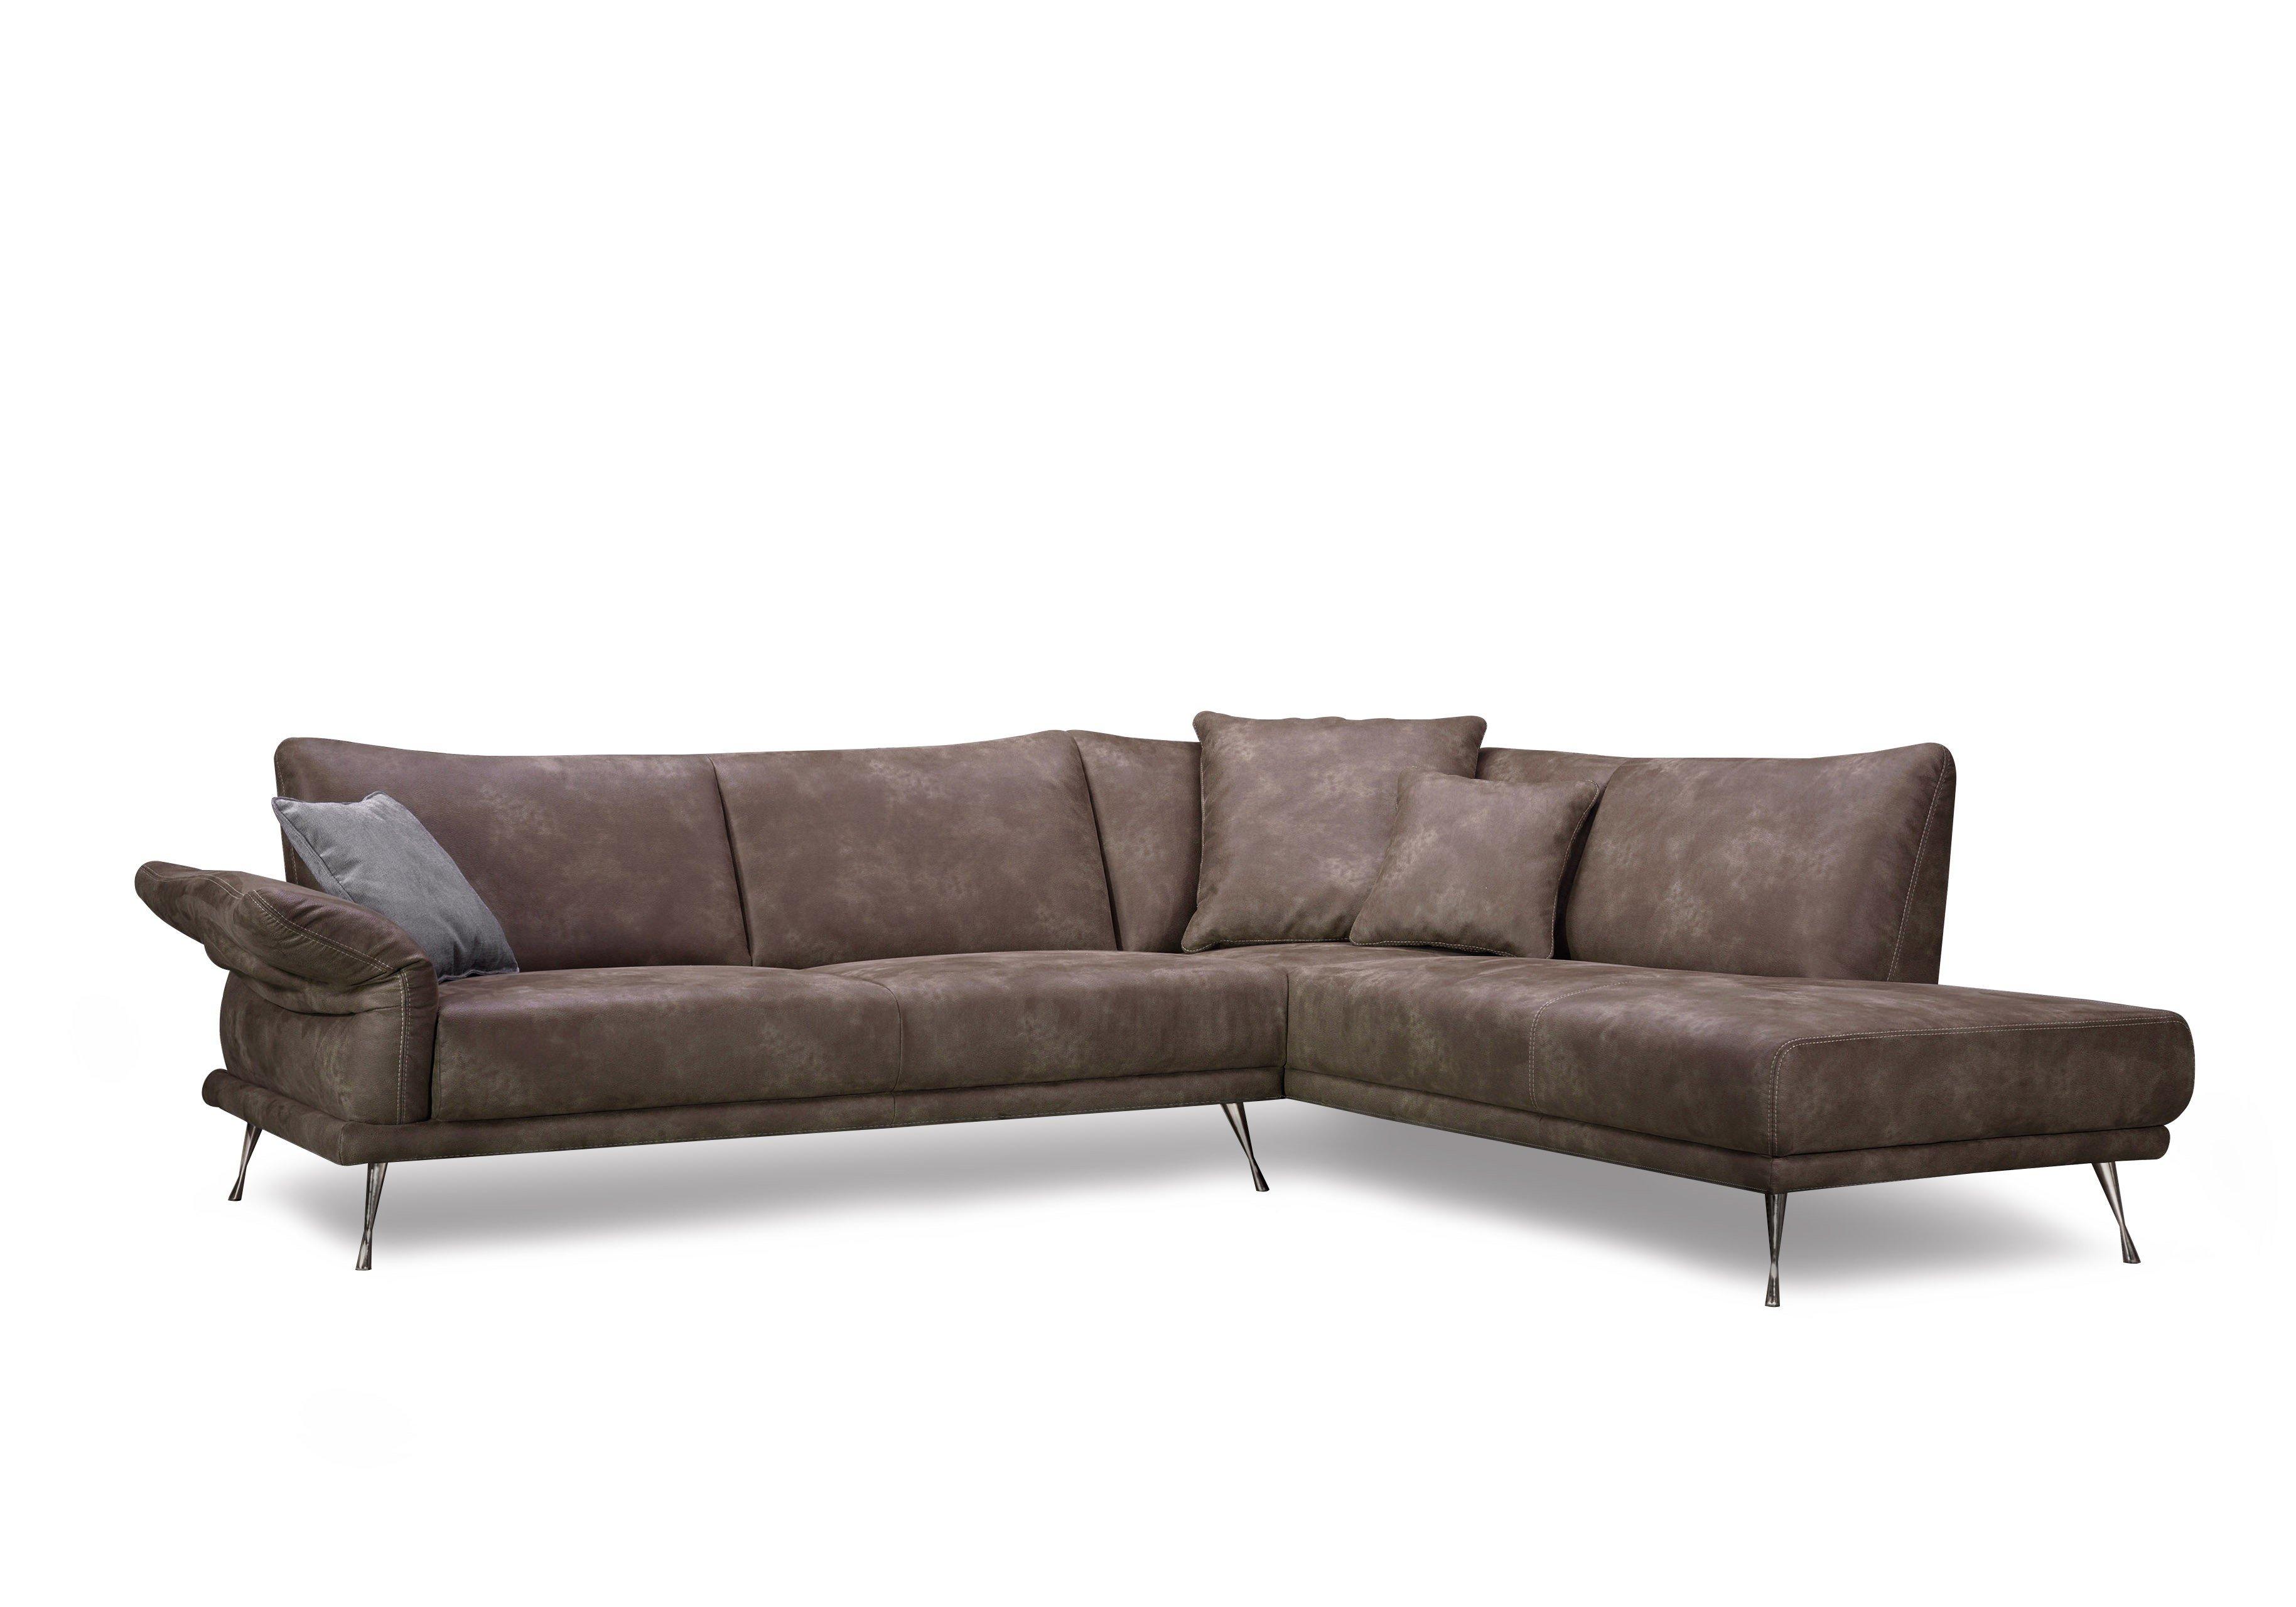 dreisitz design donani ecksofa in braun m bel letz ihr online shop. Black Bedroom Furniture Sets. Home Design Ideas